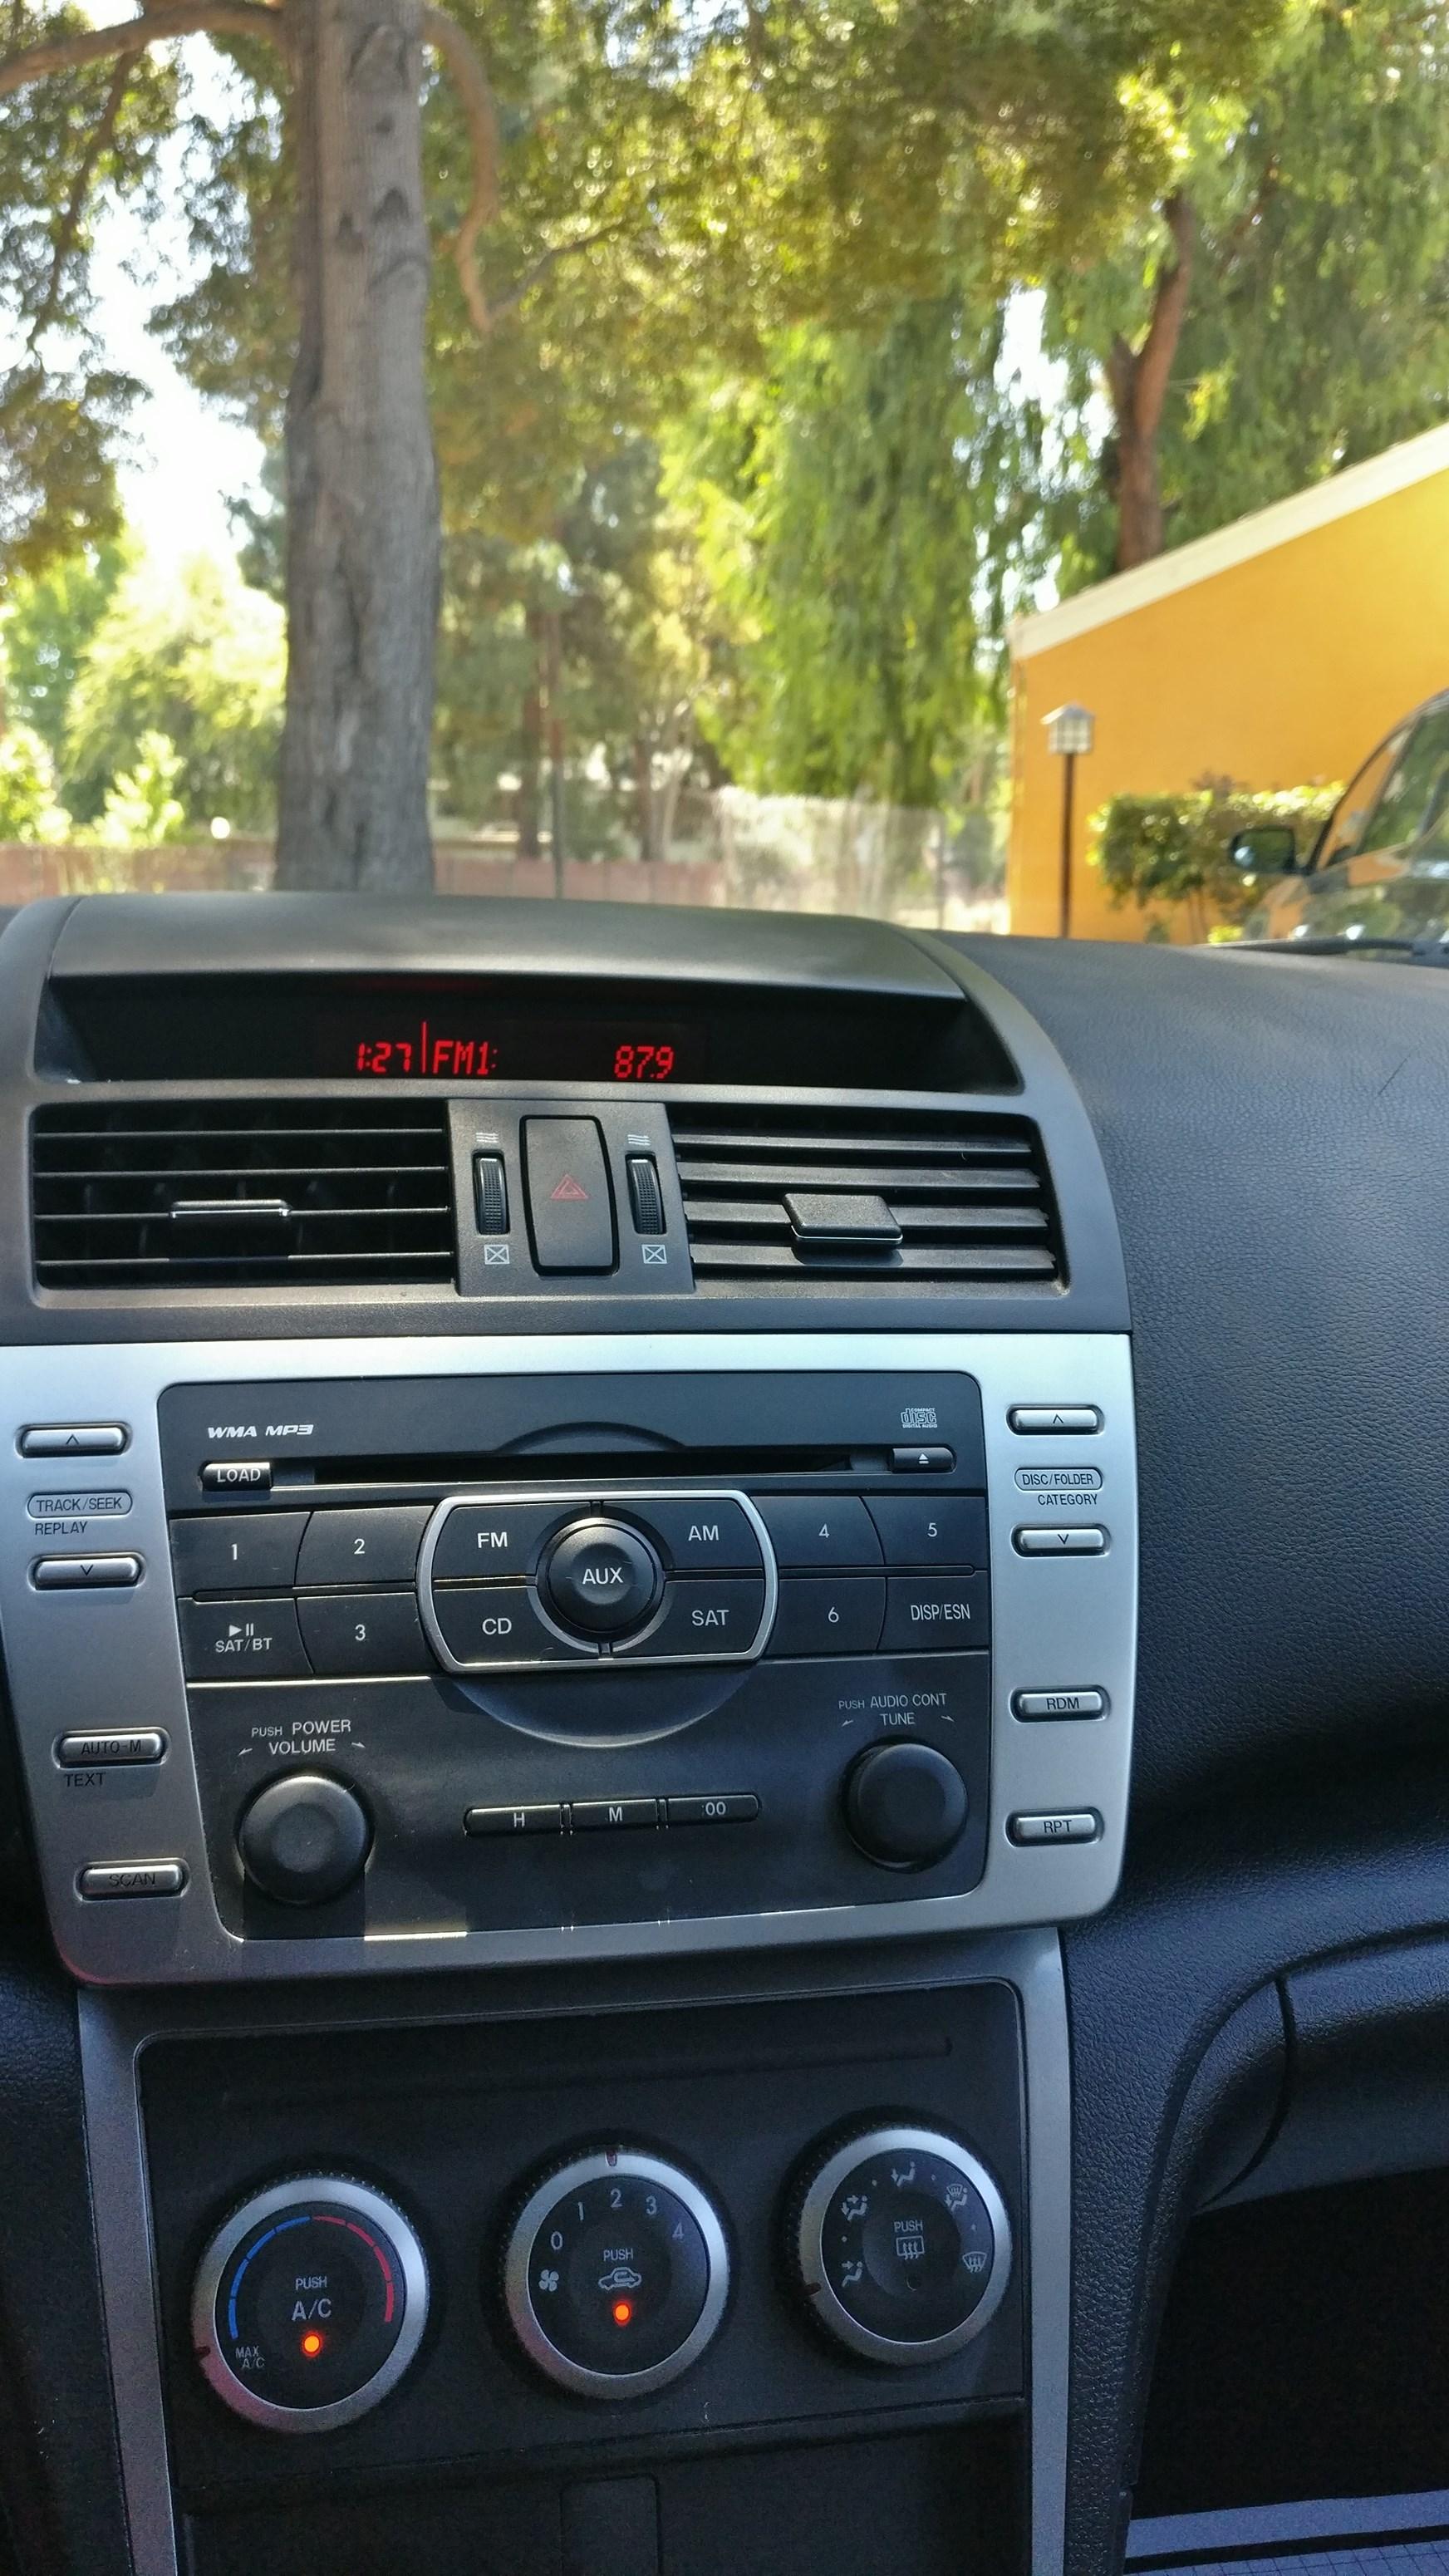 2013 Mazda 6 - Low Miles 30K - Clean Title, Used Mazda